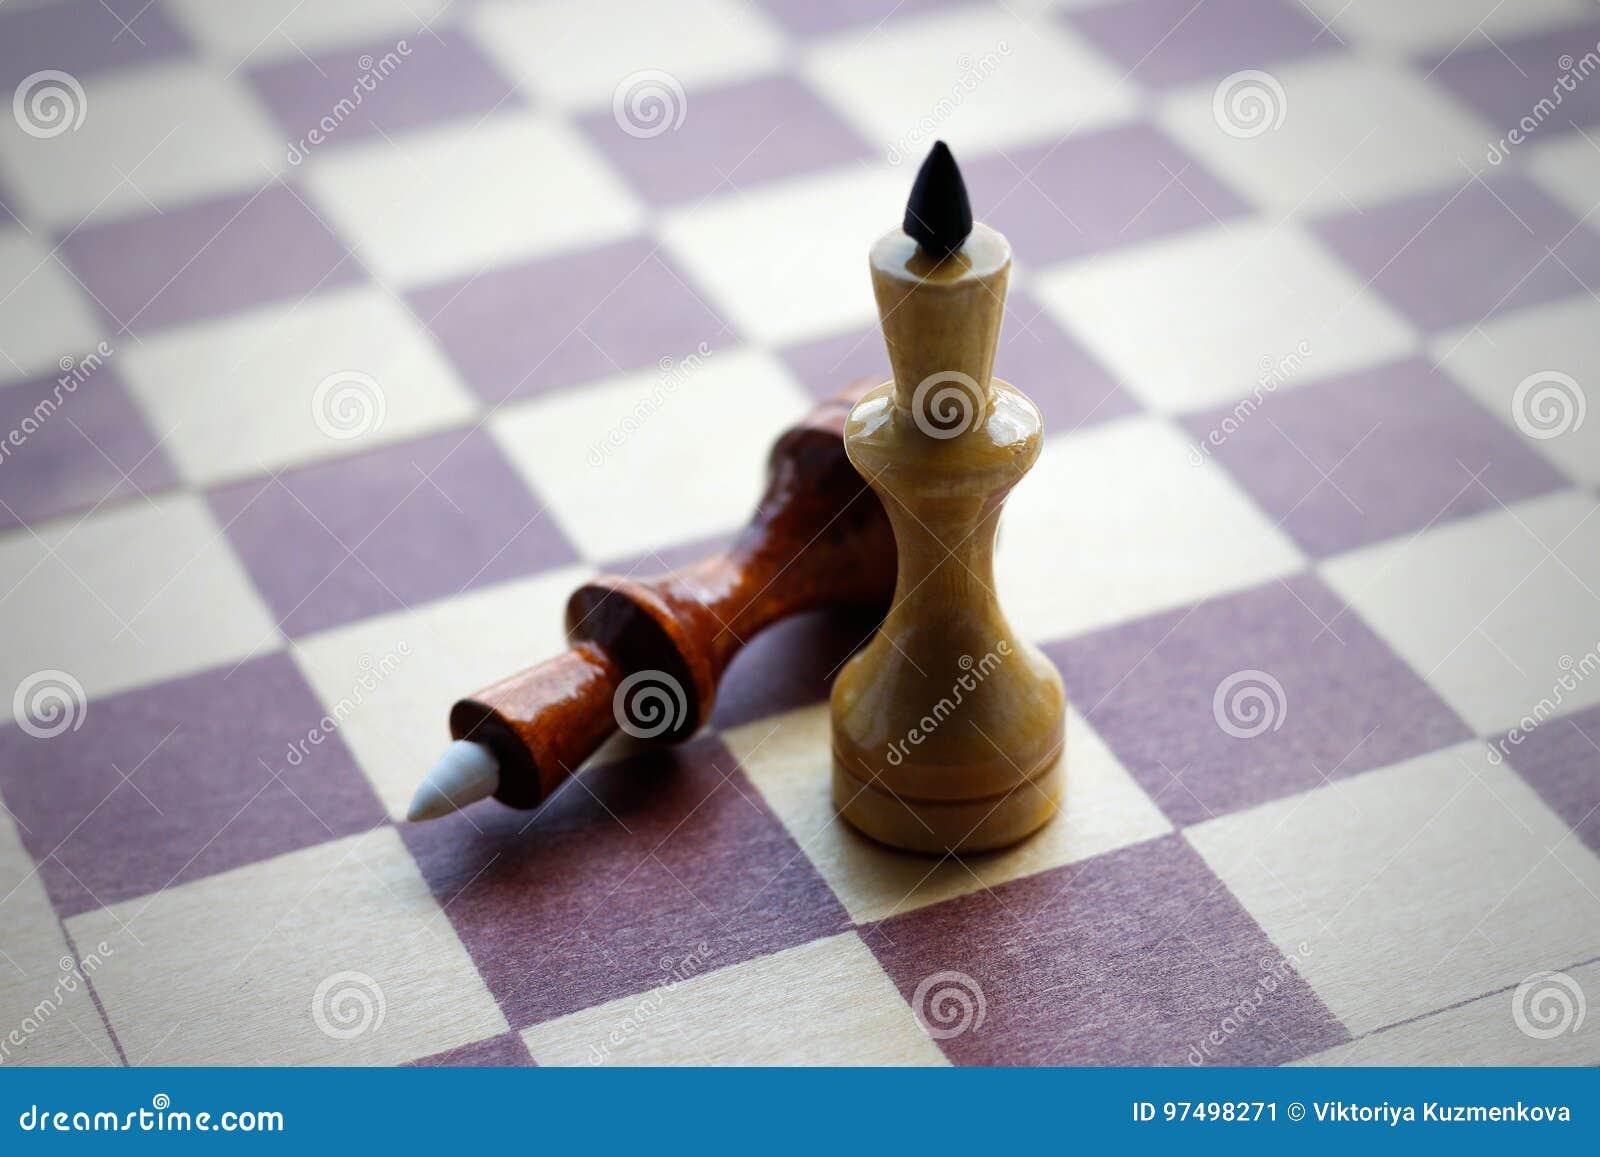 Due regine su una scheda di scacchi Scacchi Rebecca 36 closeup